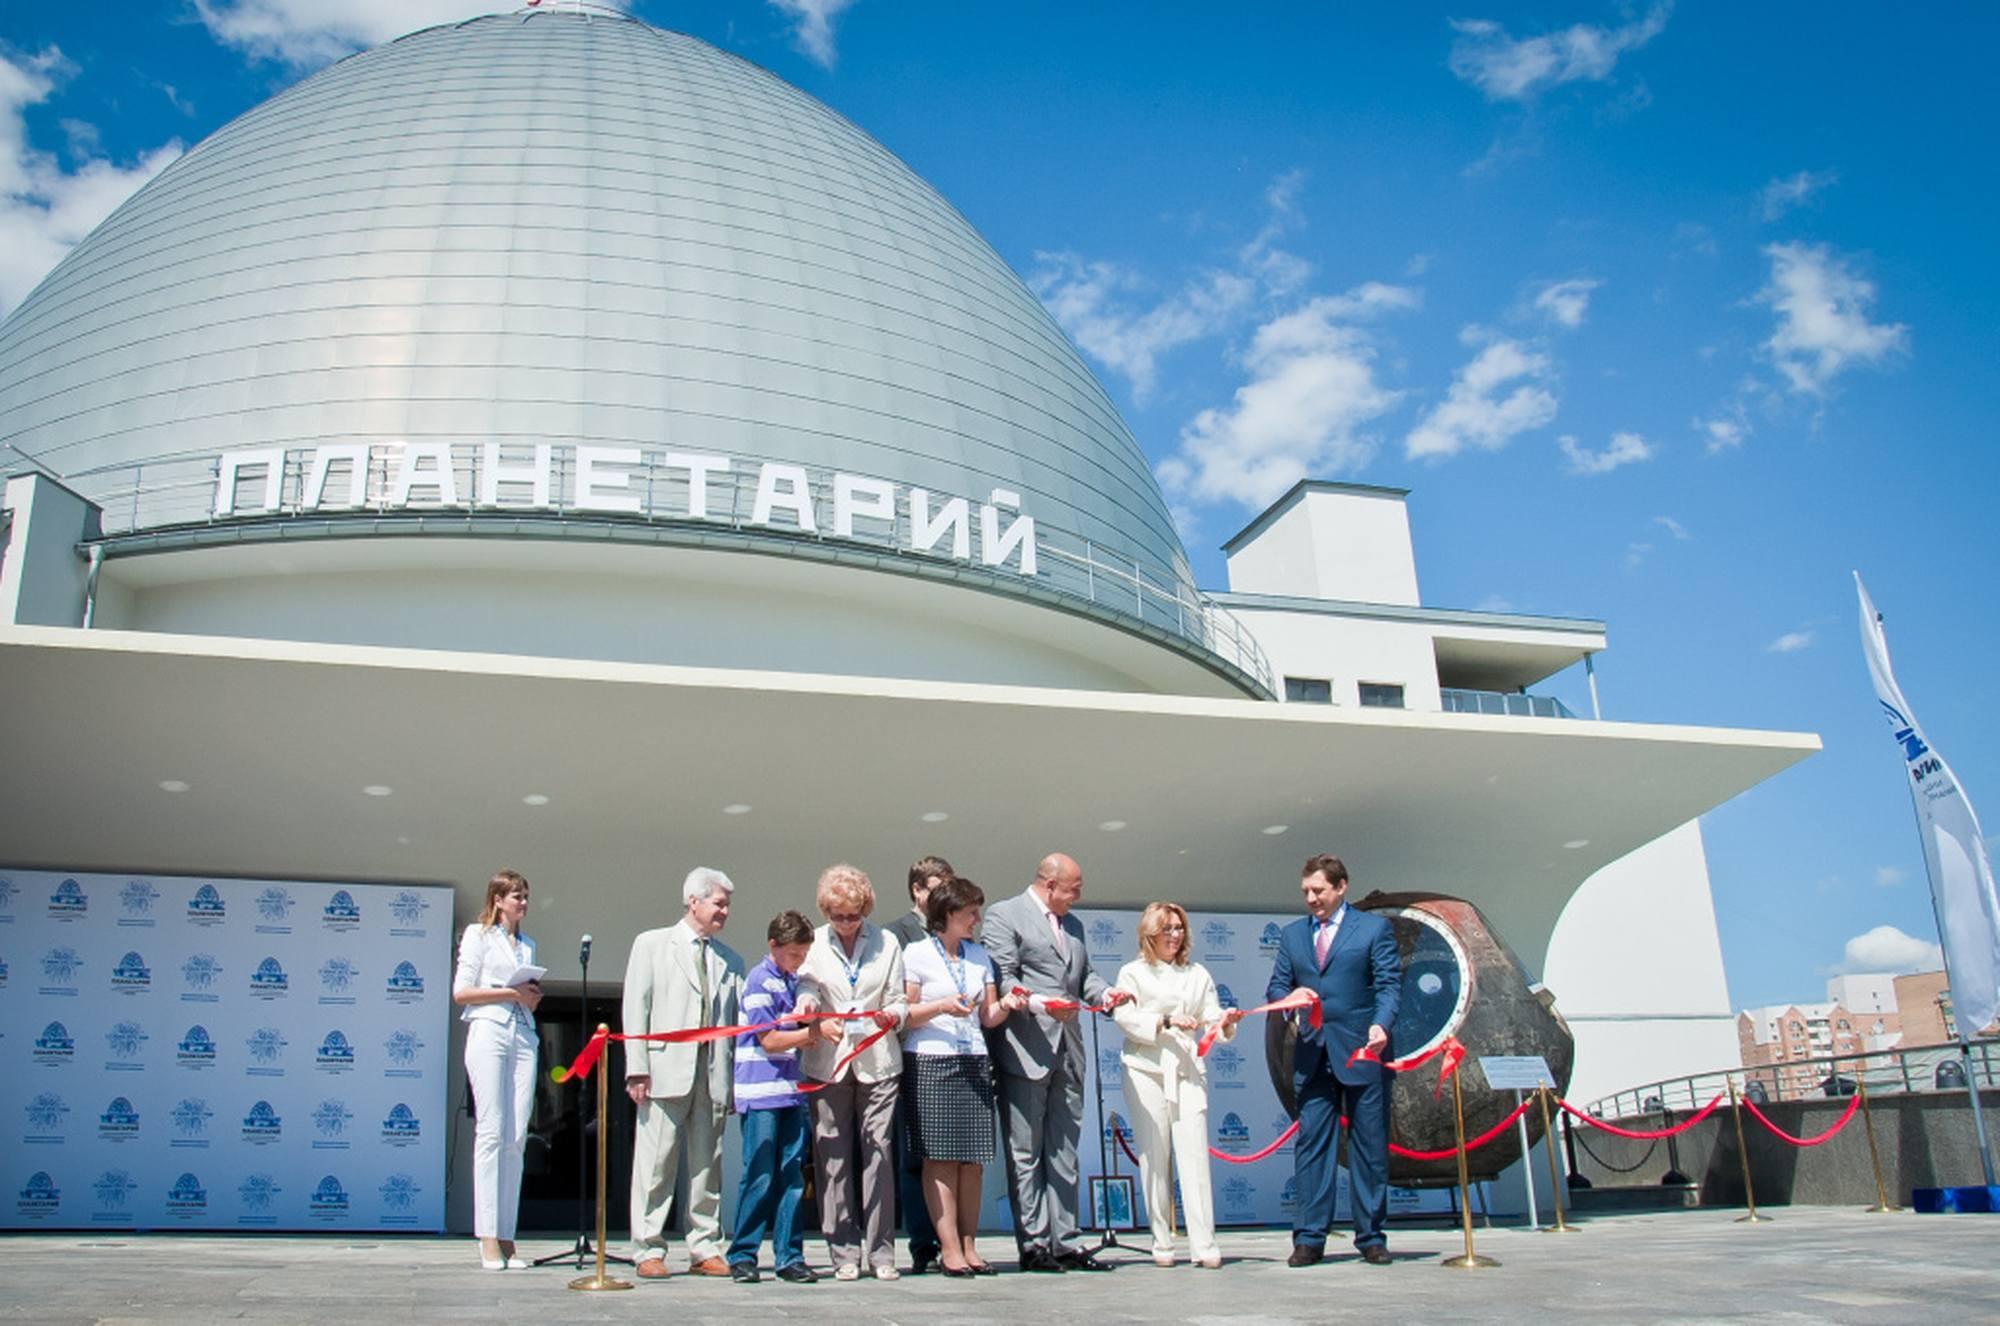 La planétarium de Moscou date de 1929 mais a été reconstruit. Il a dû fermé longtemps en pleine crise économique qui a suivi la disparition de l'URSS.